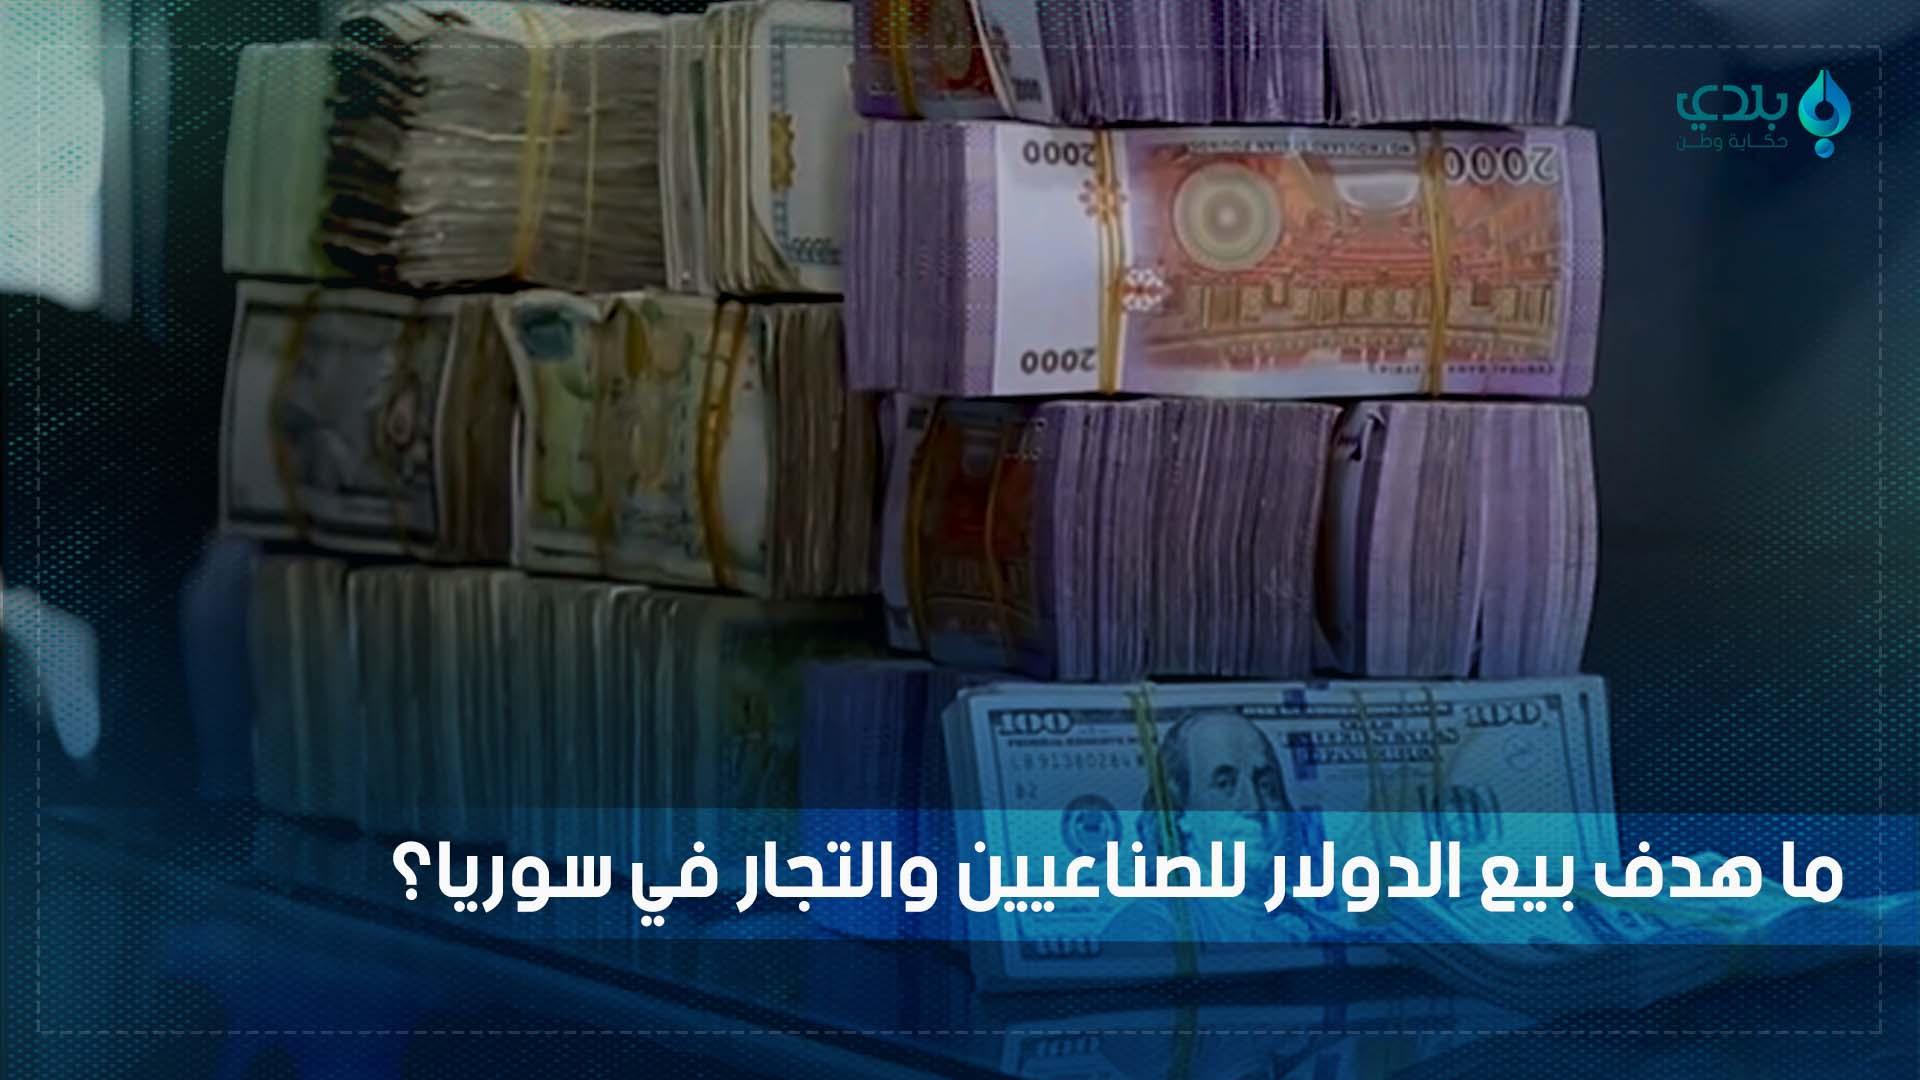 سعر الدولار الامريكي مقابل الليرة السوري